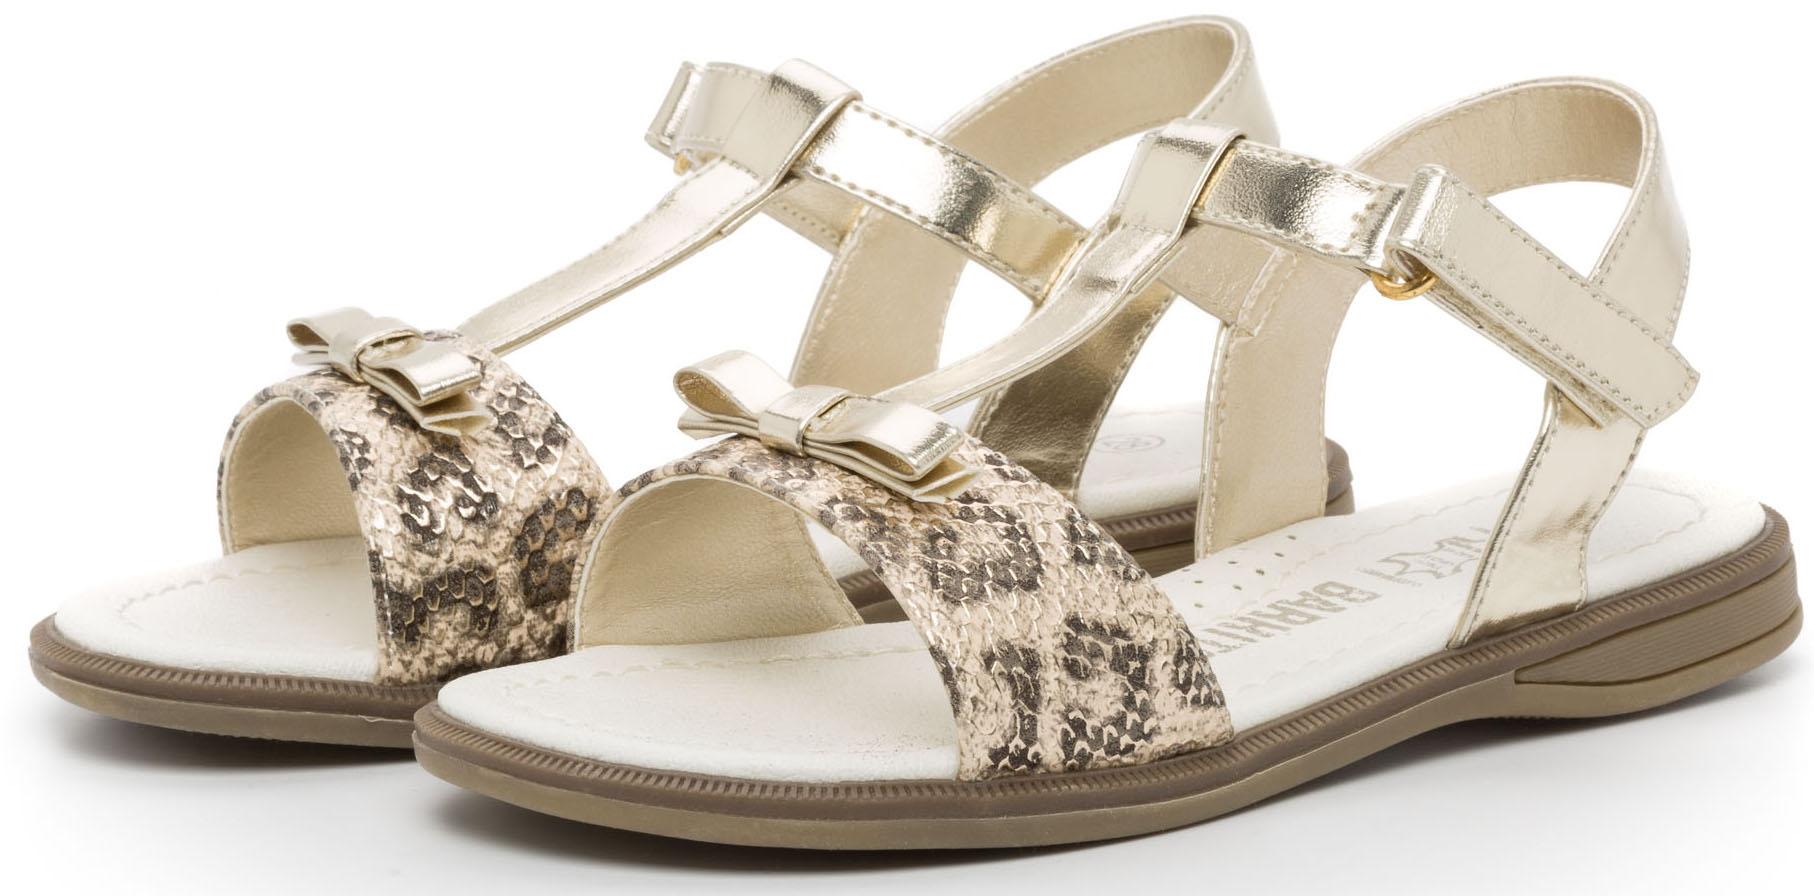 Босоножки Barkito Туфли летние ремешковые для девочки Barkito, перламутровые цена и фото